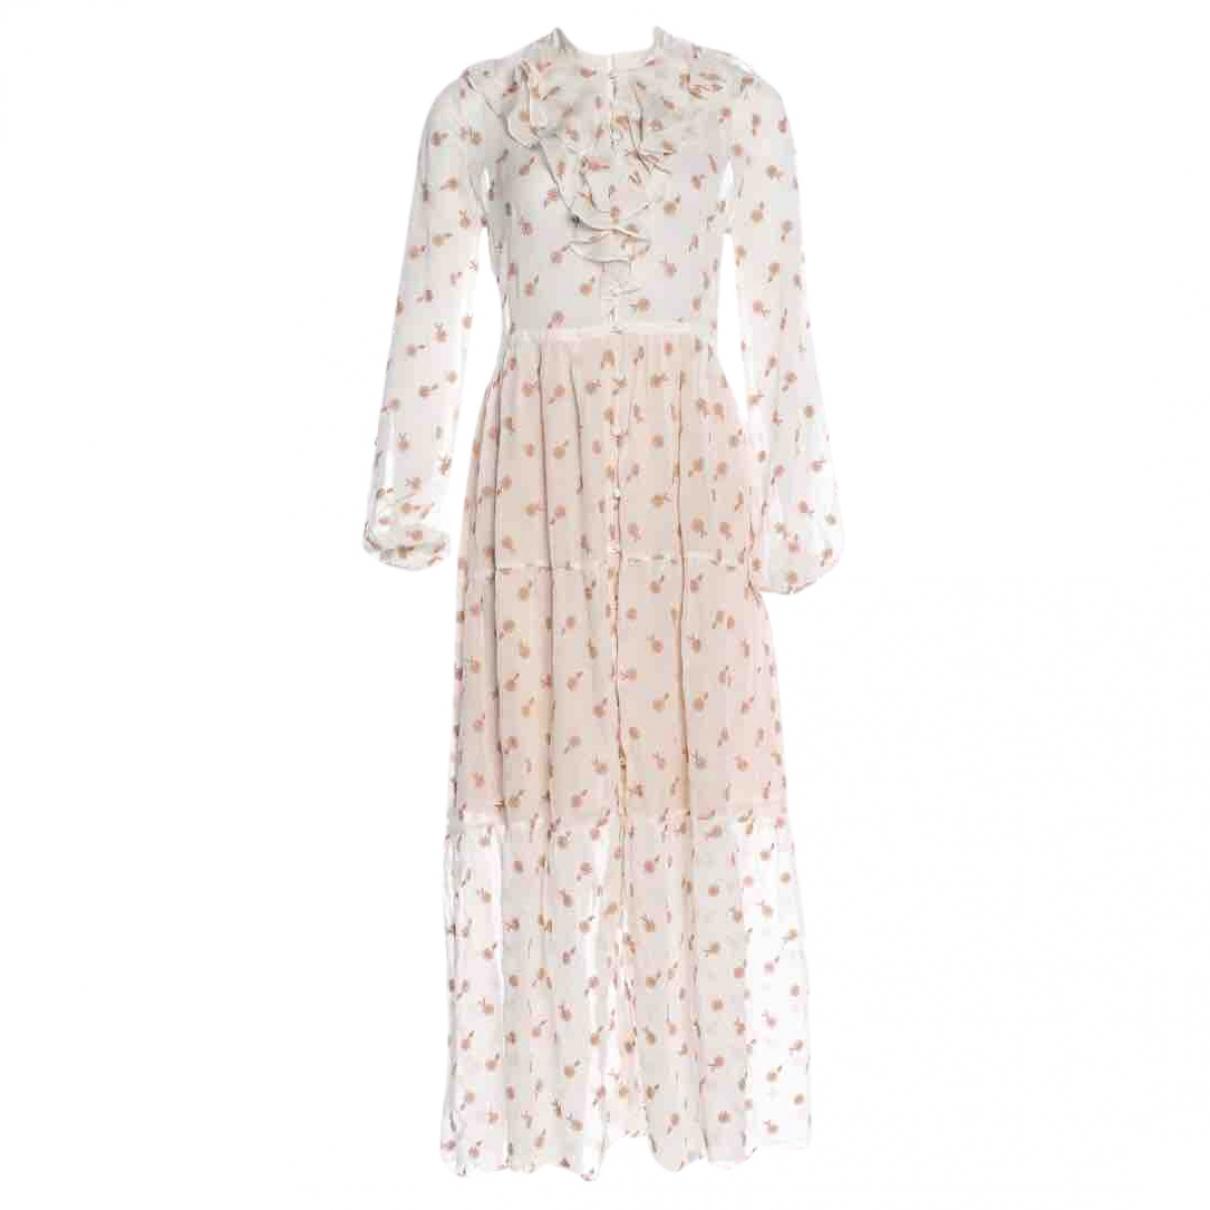 Dôen \N White dress for Women S International